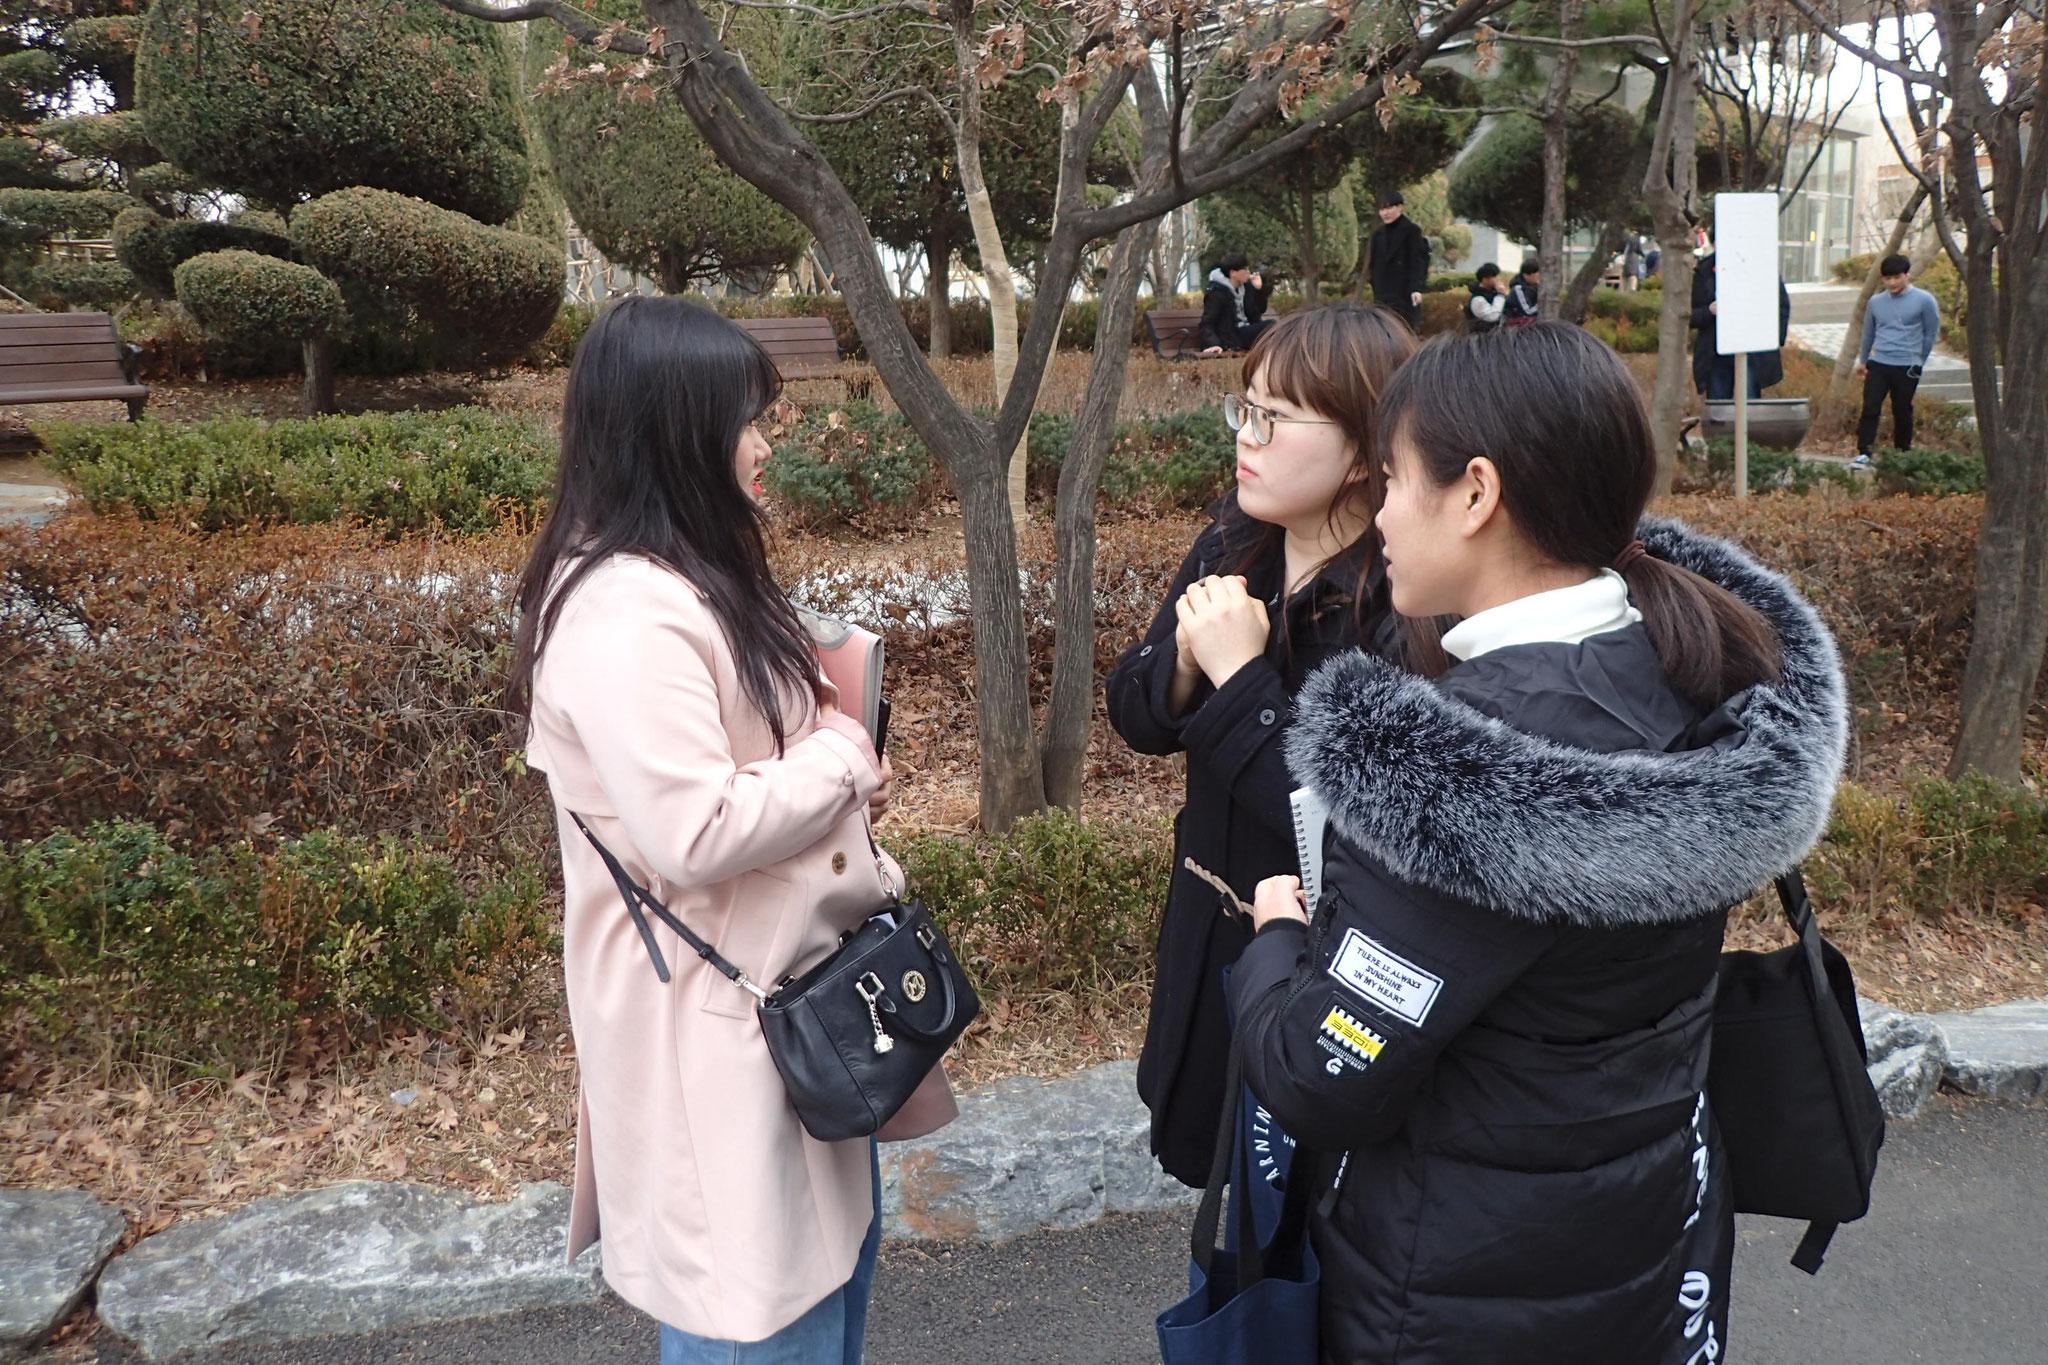 ソガン大学生にインタビュー